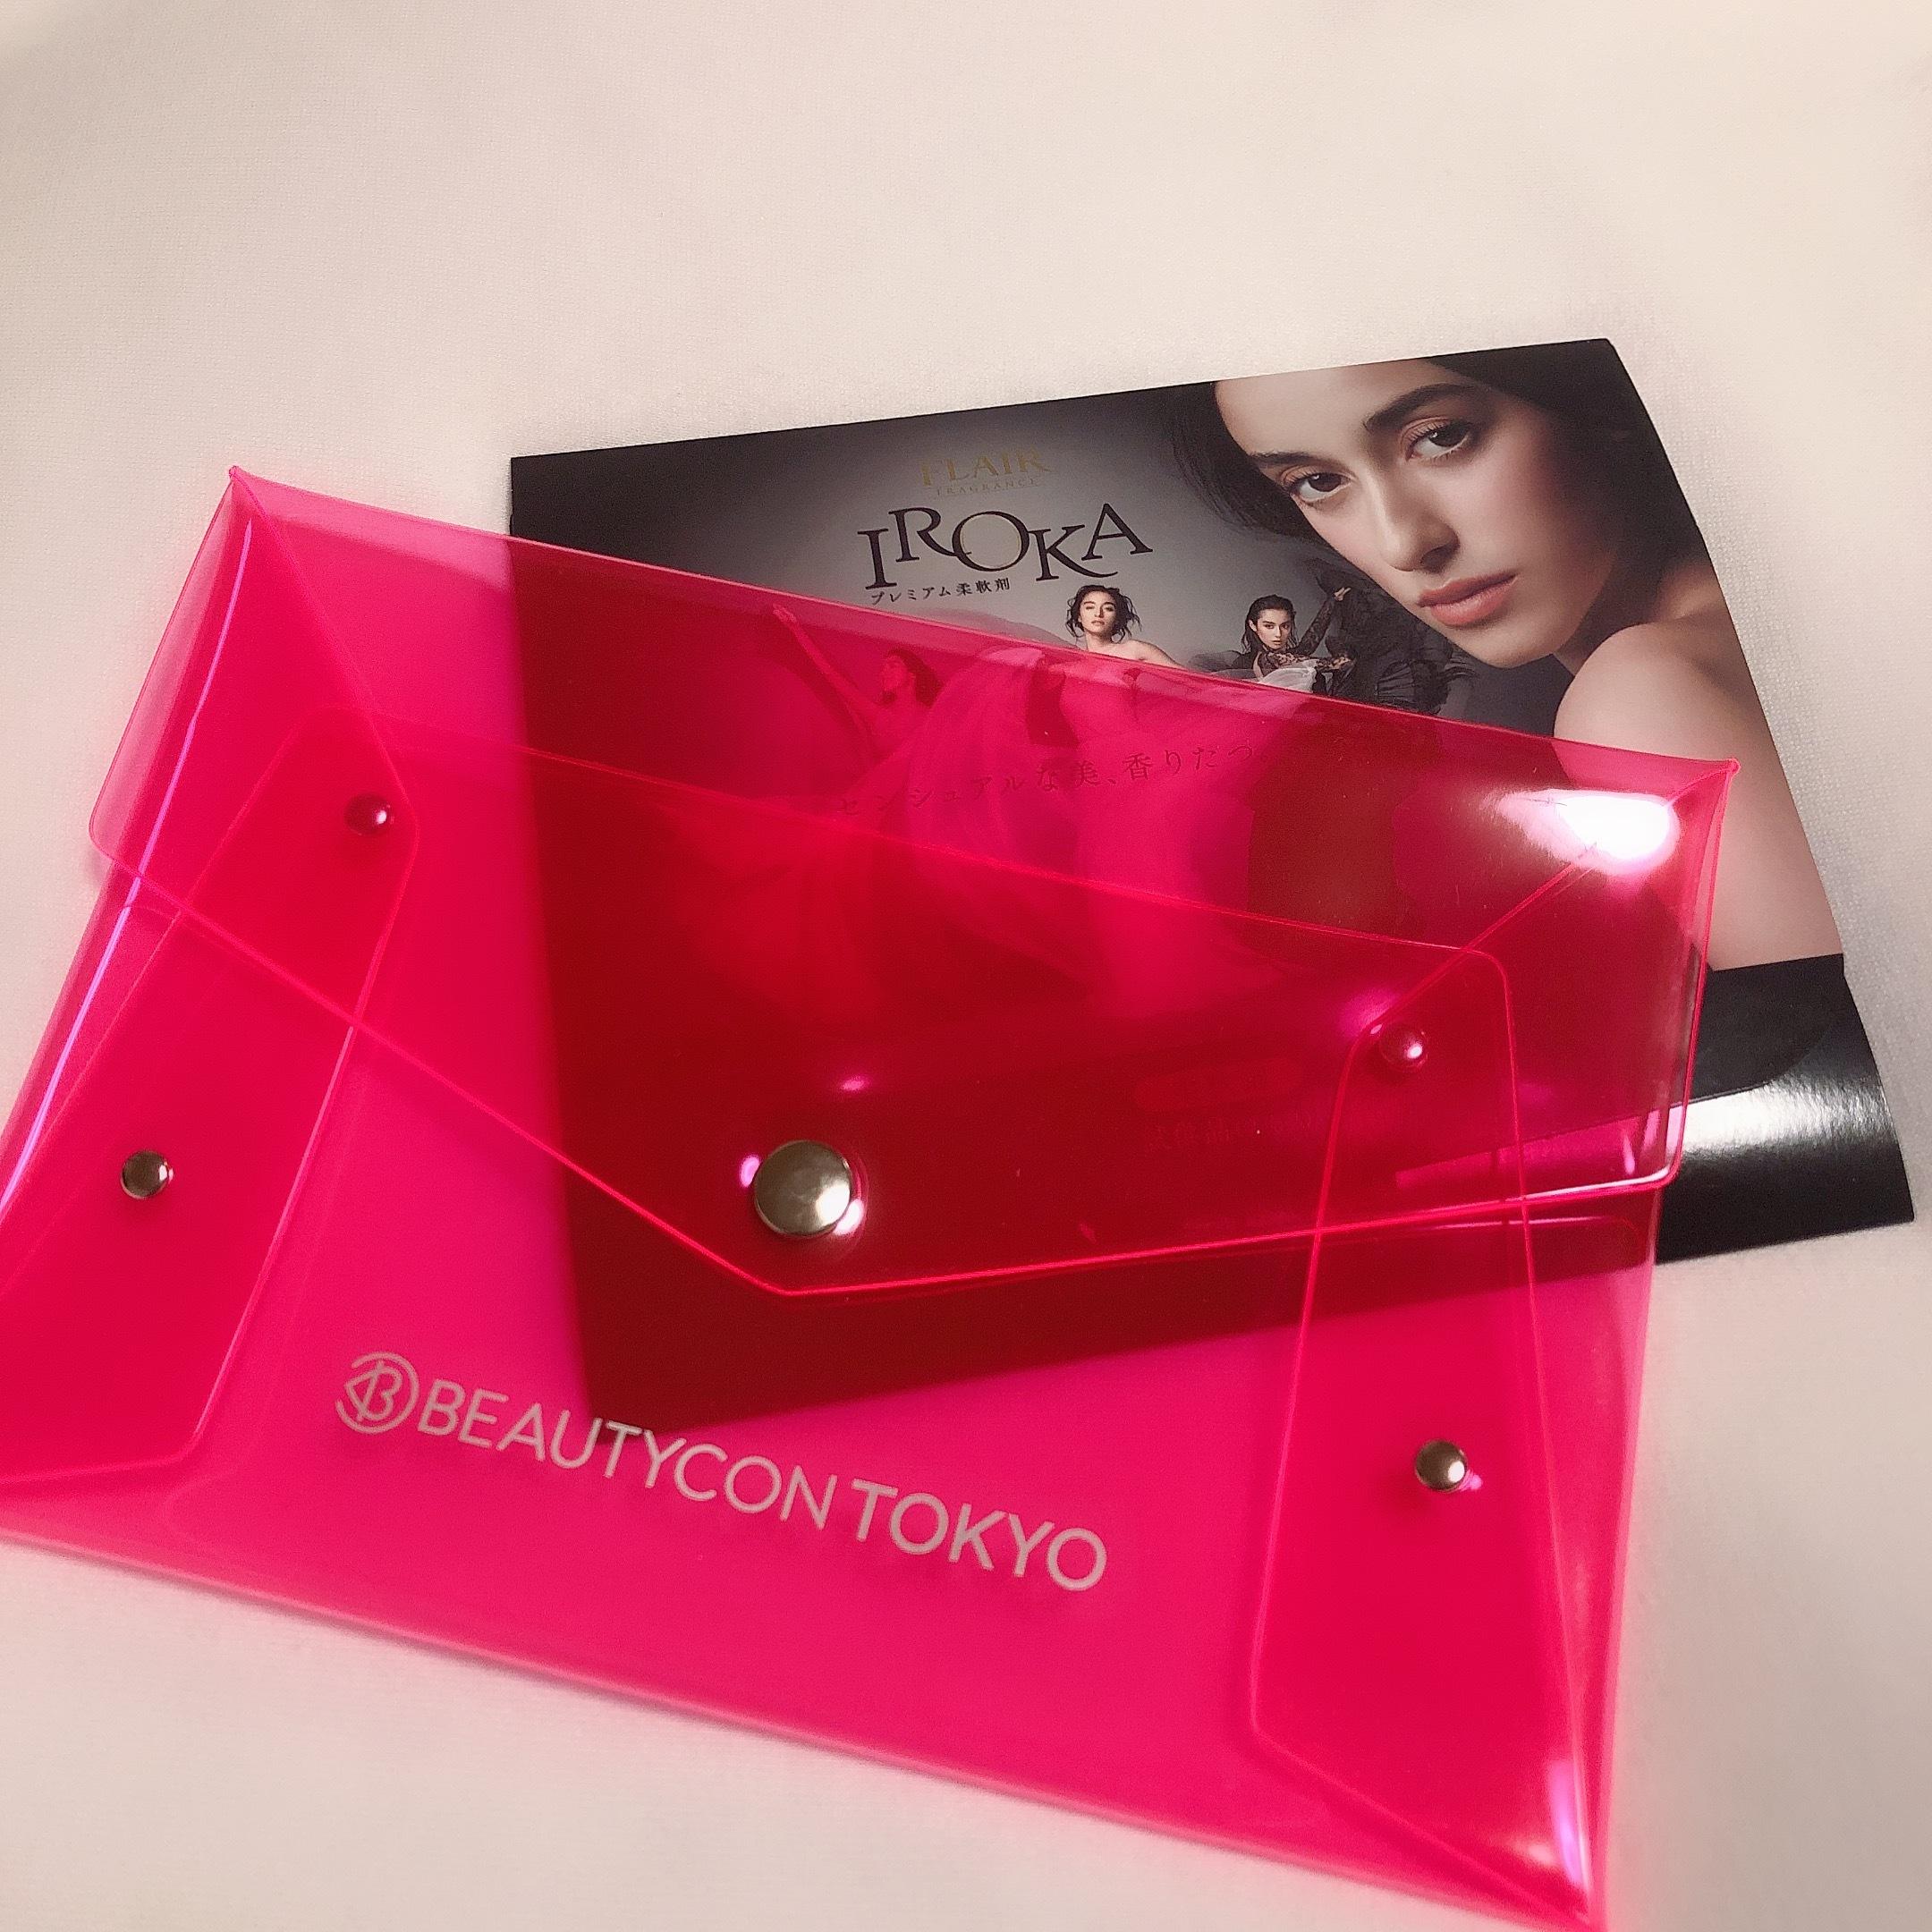 【日本初上陸】世界で人気の美容フェス『Beautycon Tokyo』_1_6-4